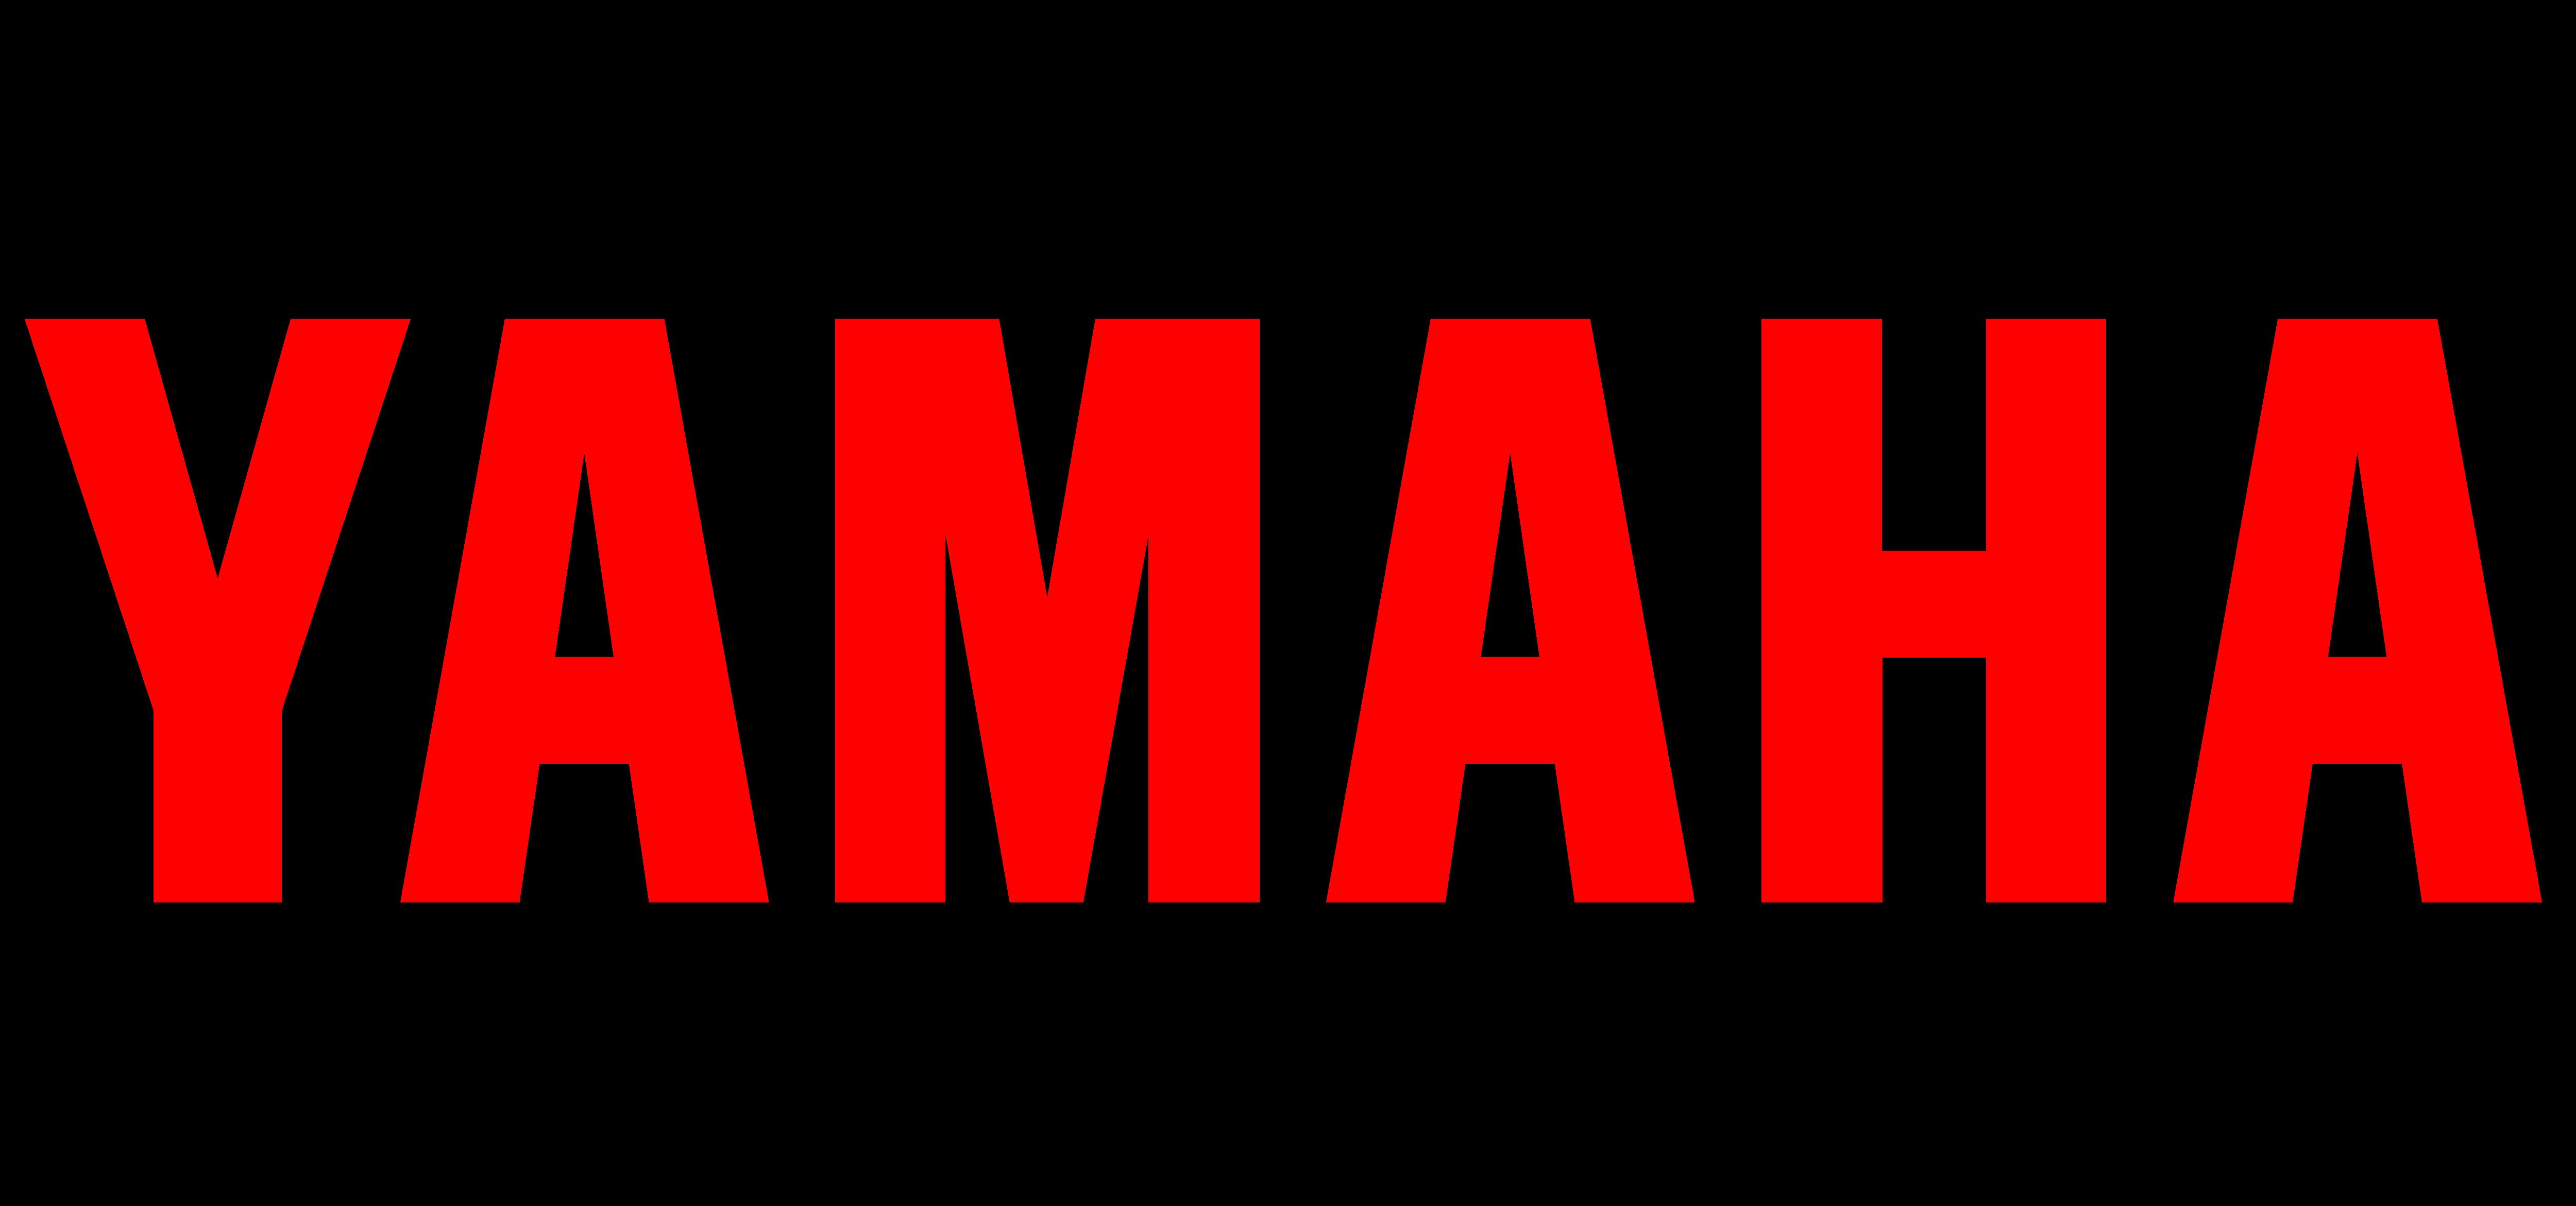 Yamaha Logo History Meaning